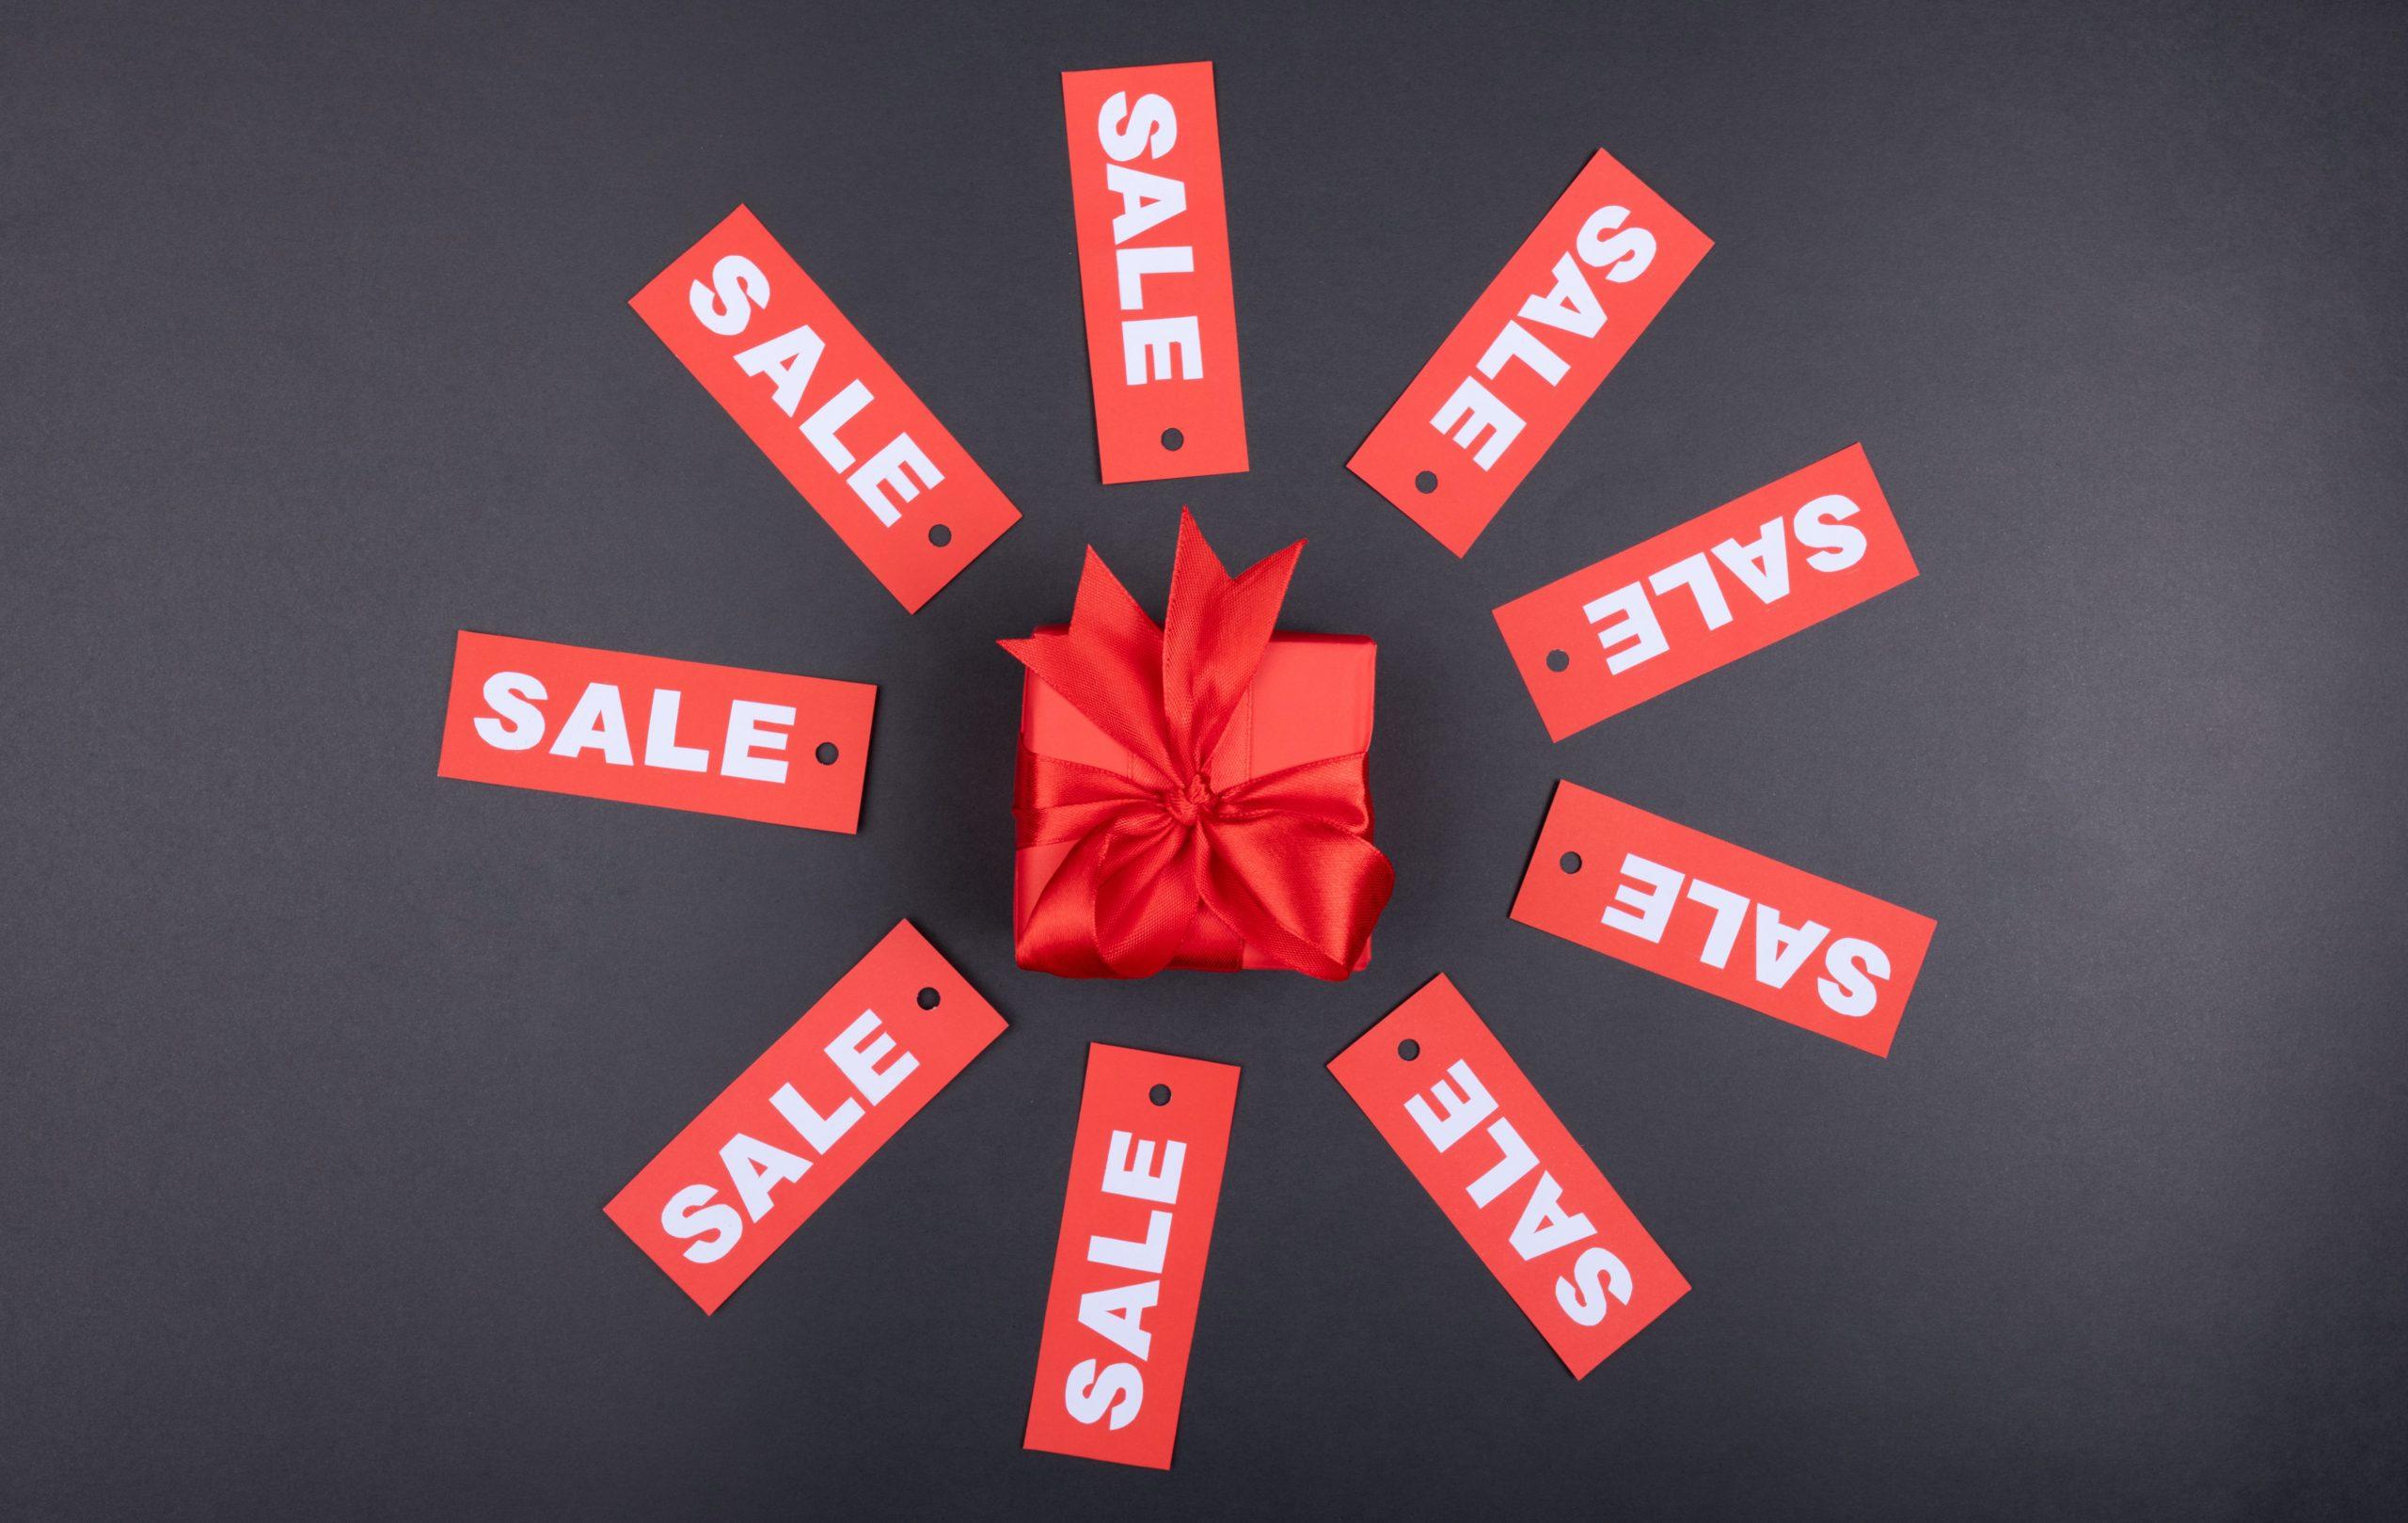 【2021年最新版】ebay輸出でクーポンを発行してリピーターを獲得する方法